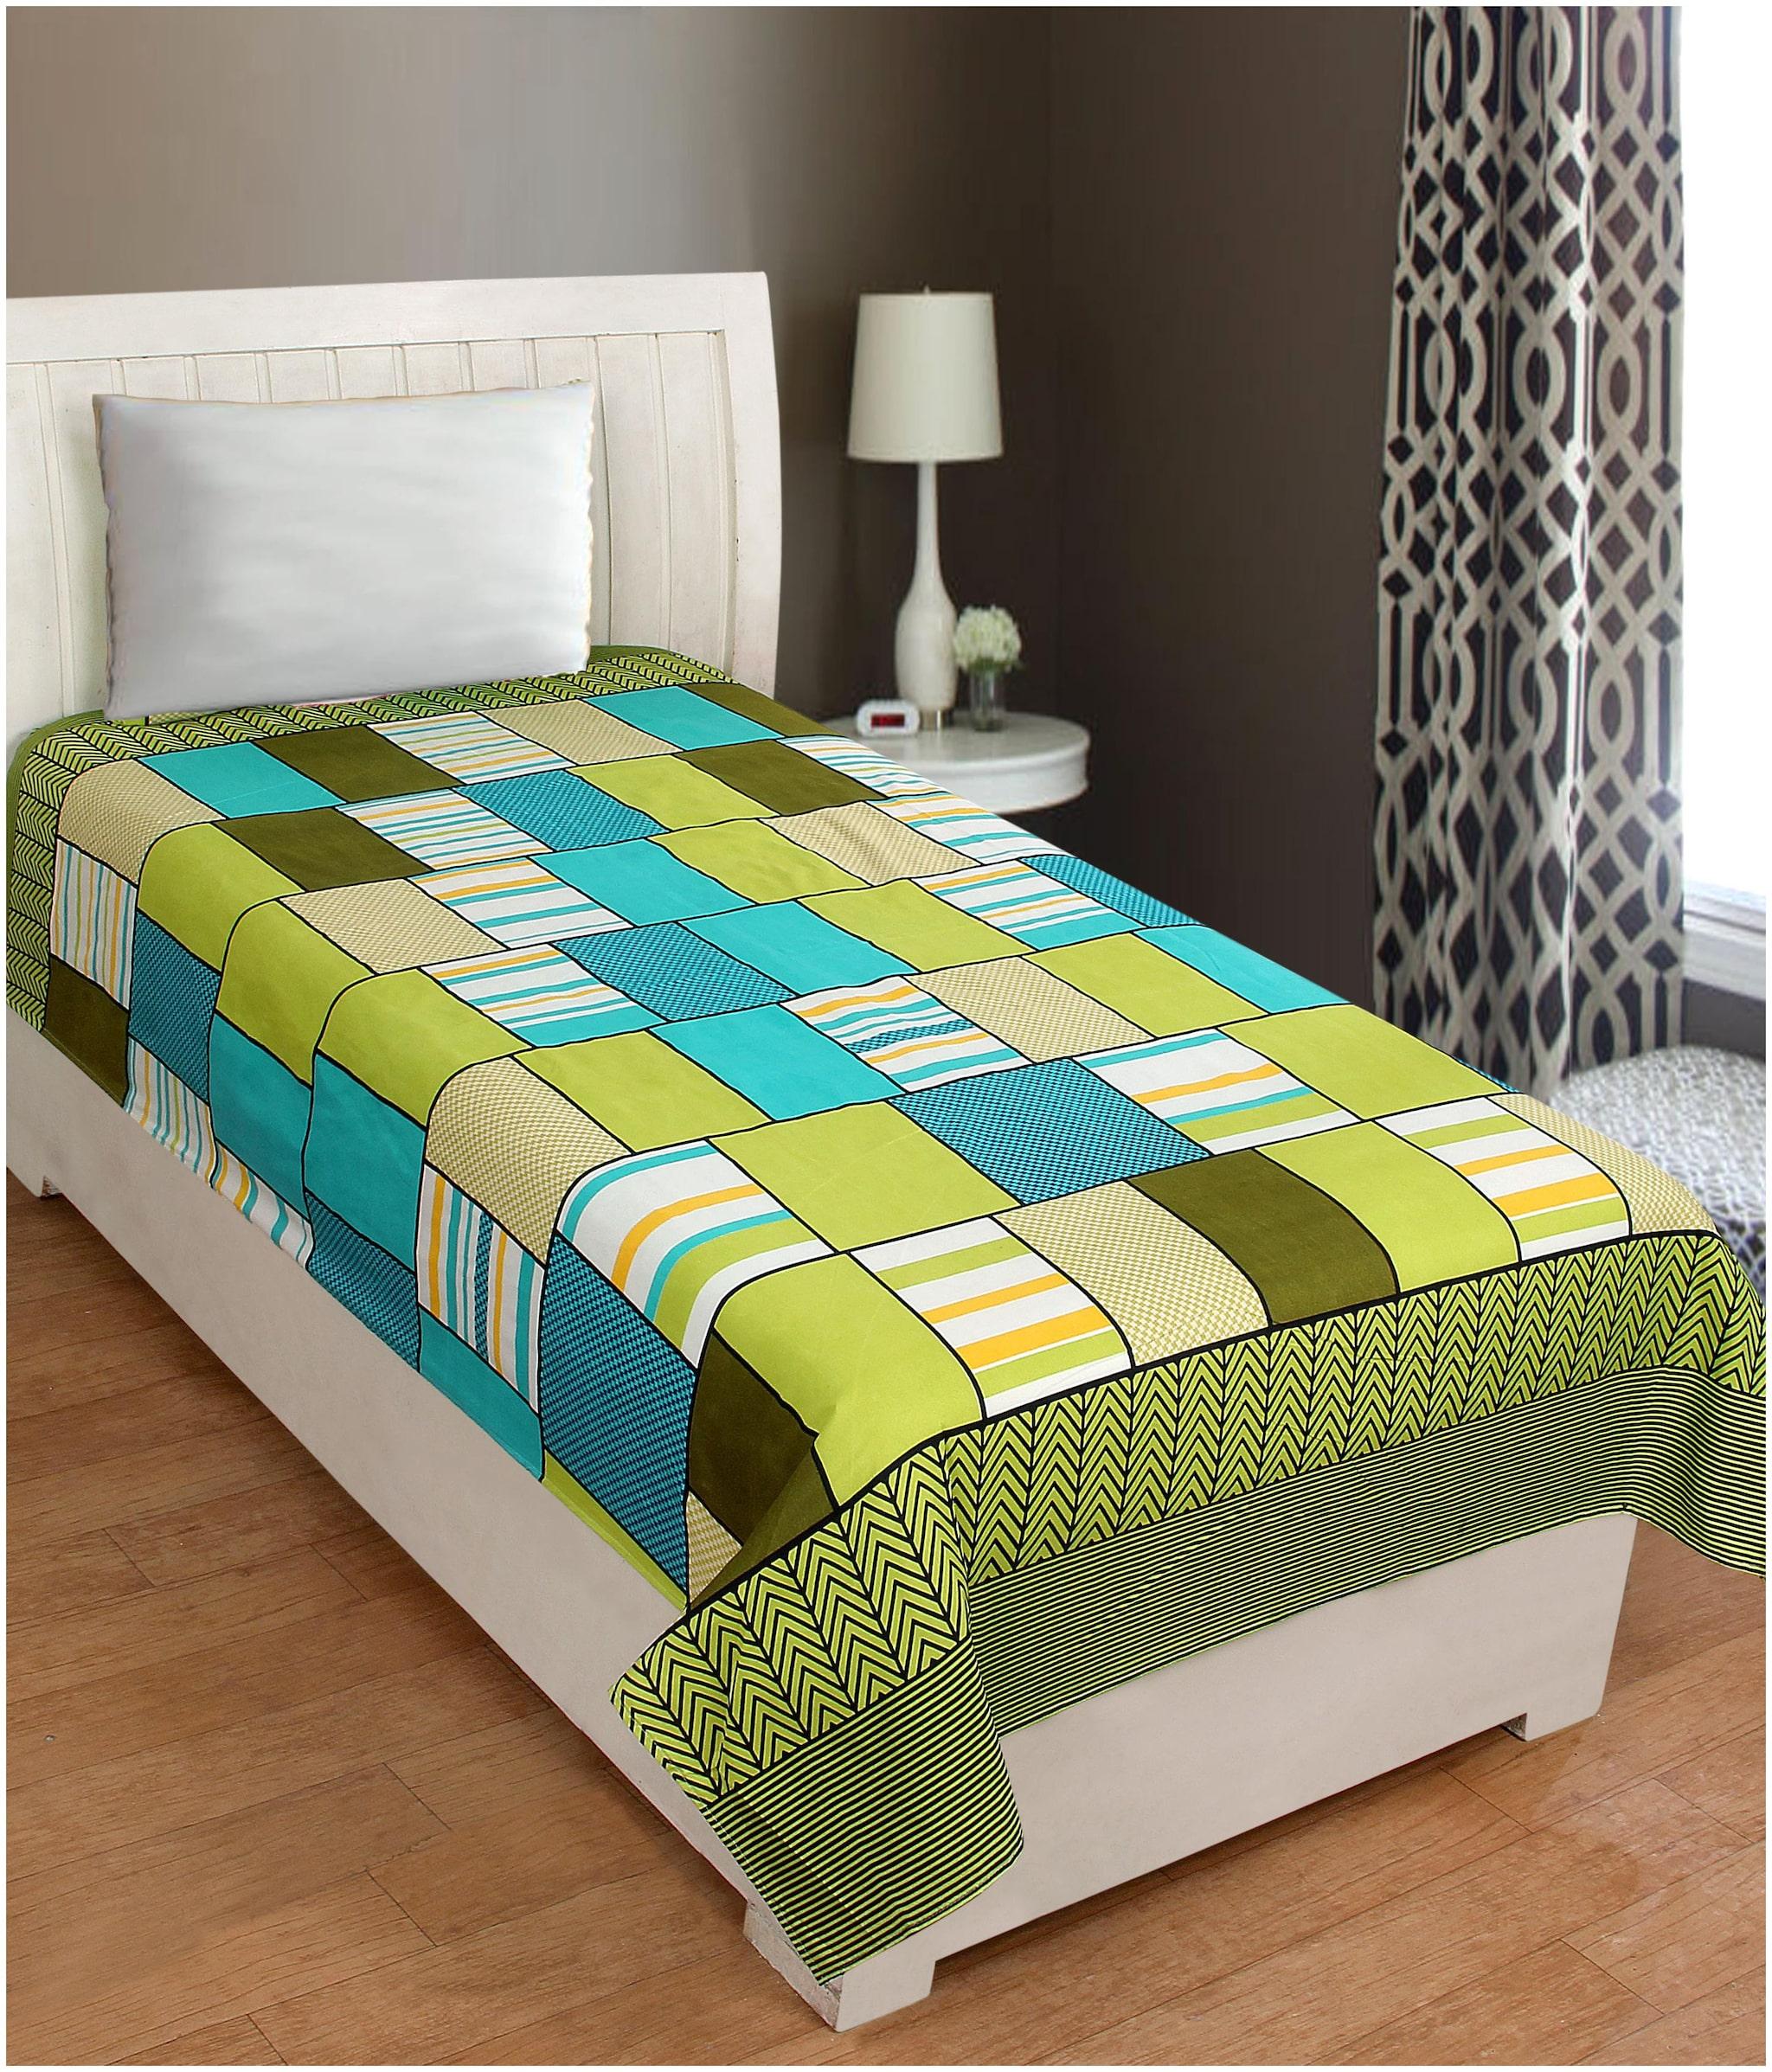 Sai Arpan PolyCotton Single Bed Sheet